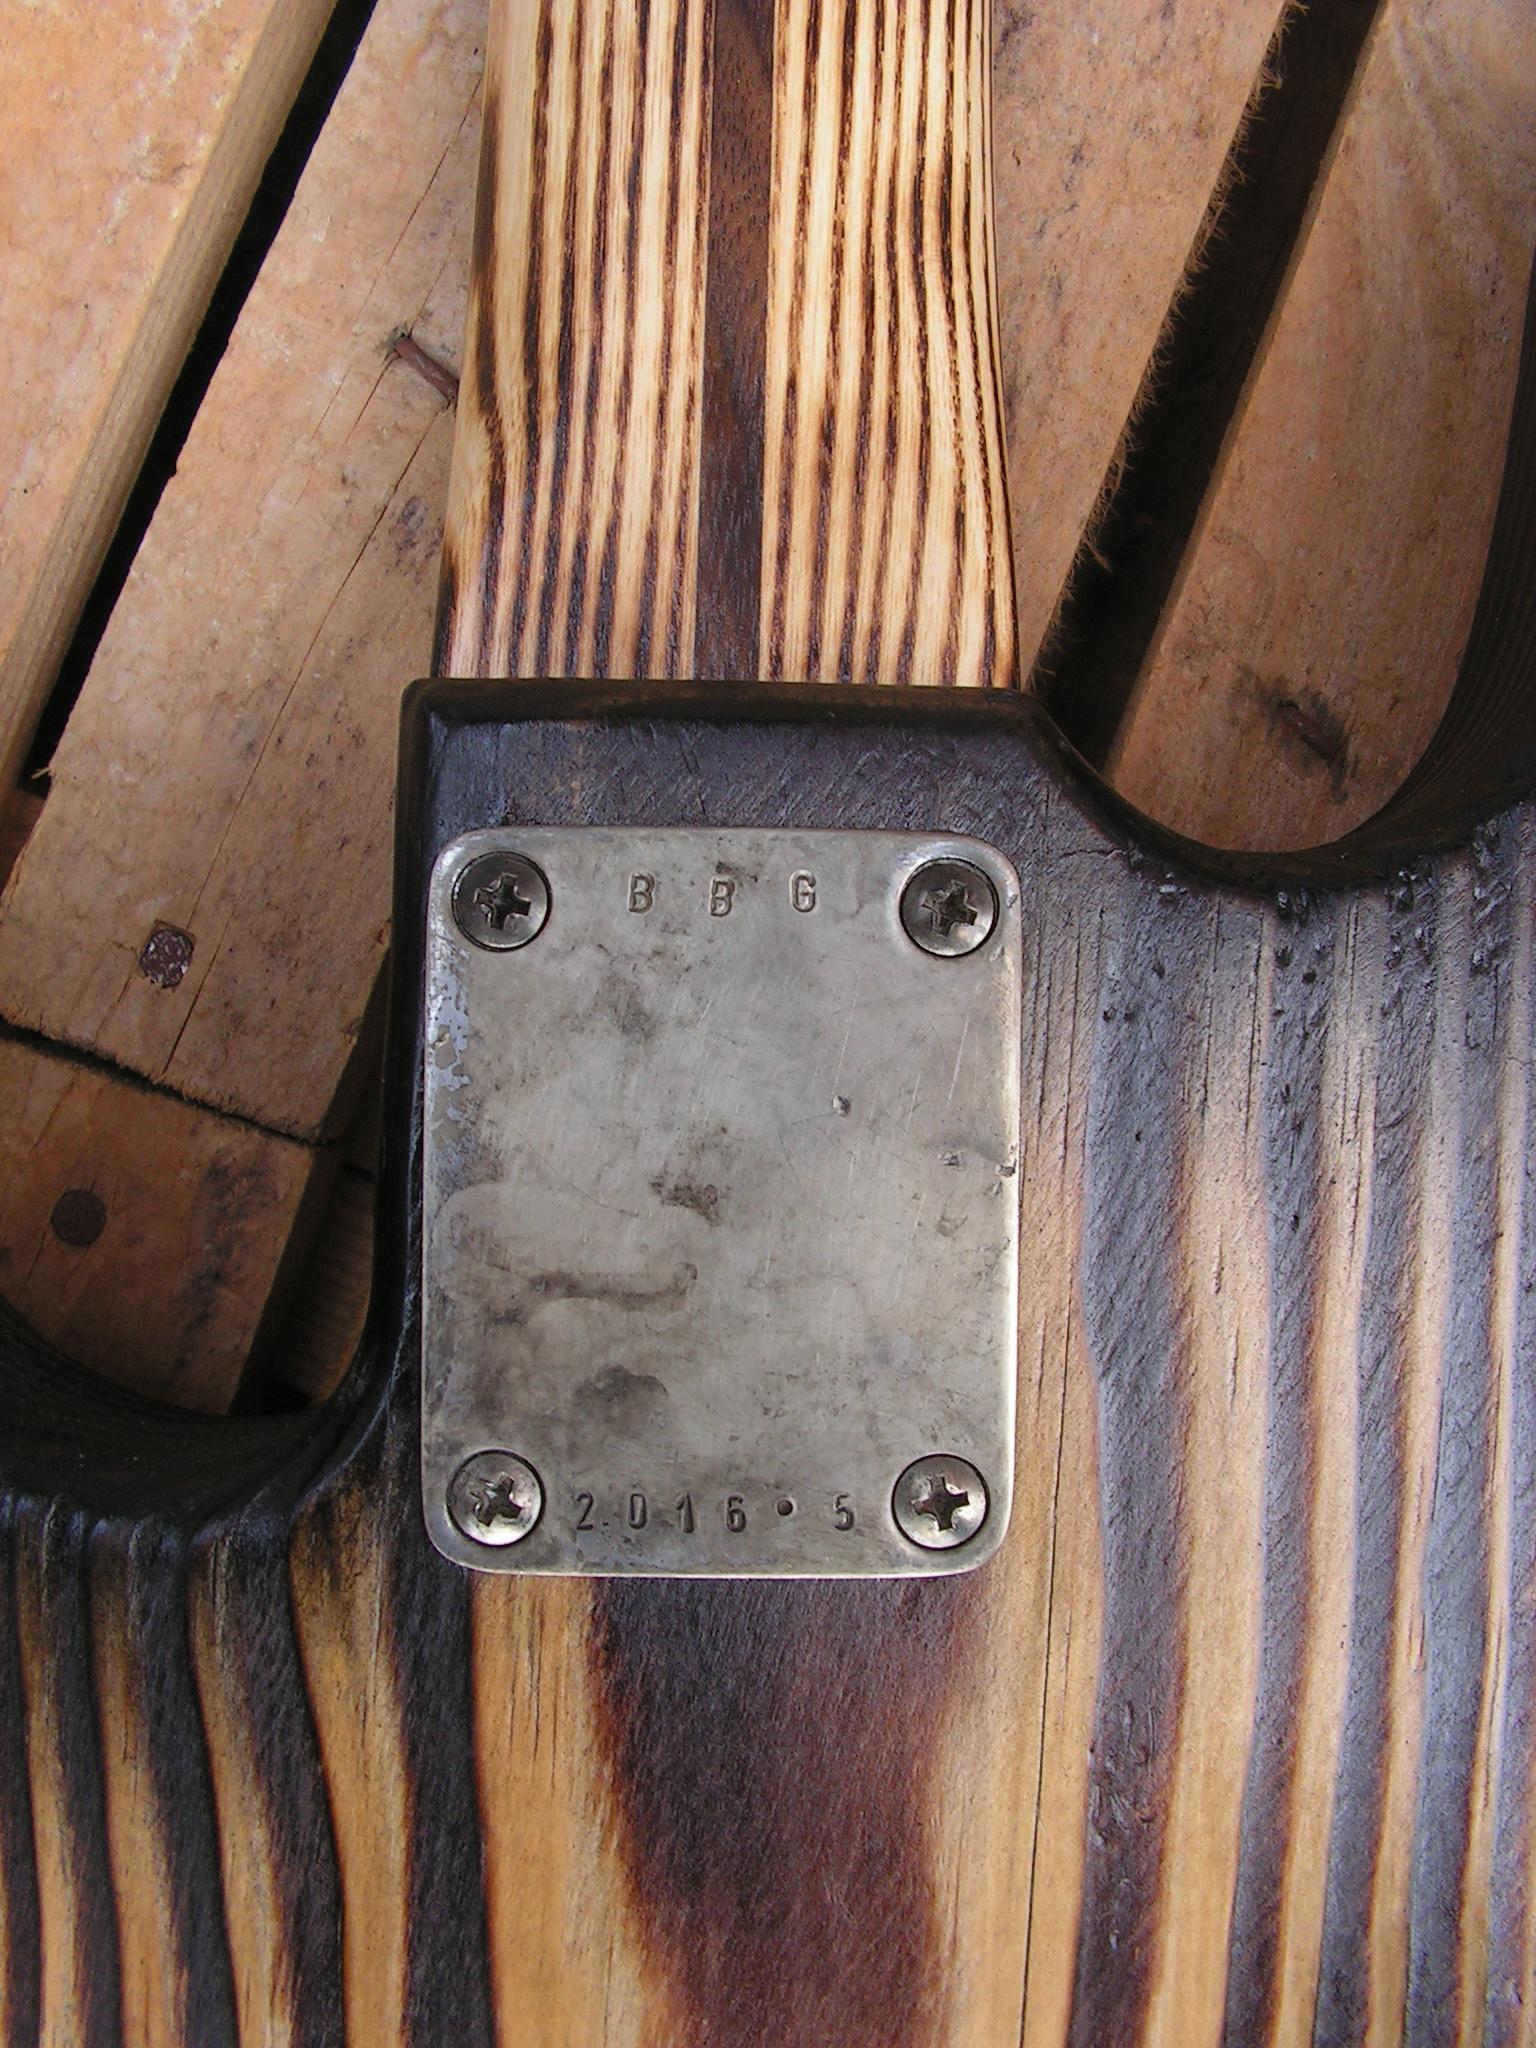 basso Precision 51 in pino retro piastra